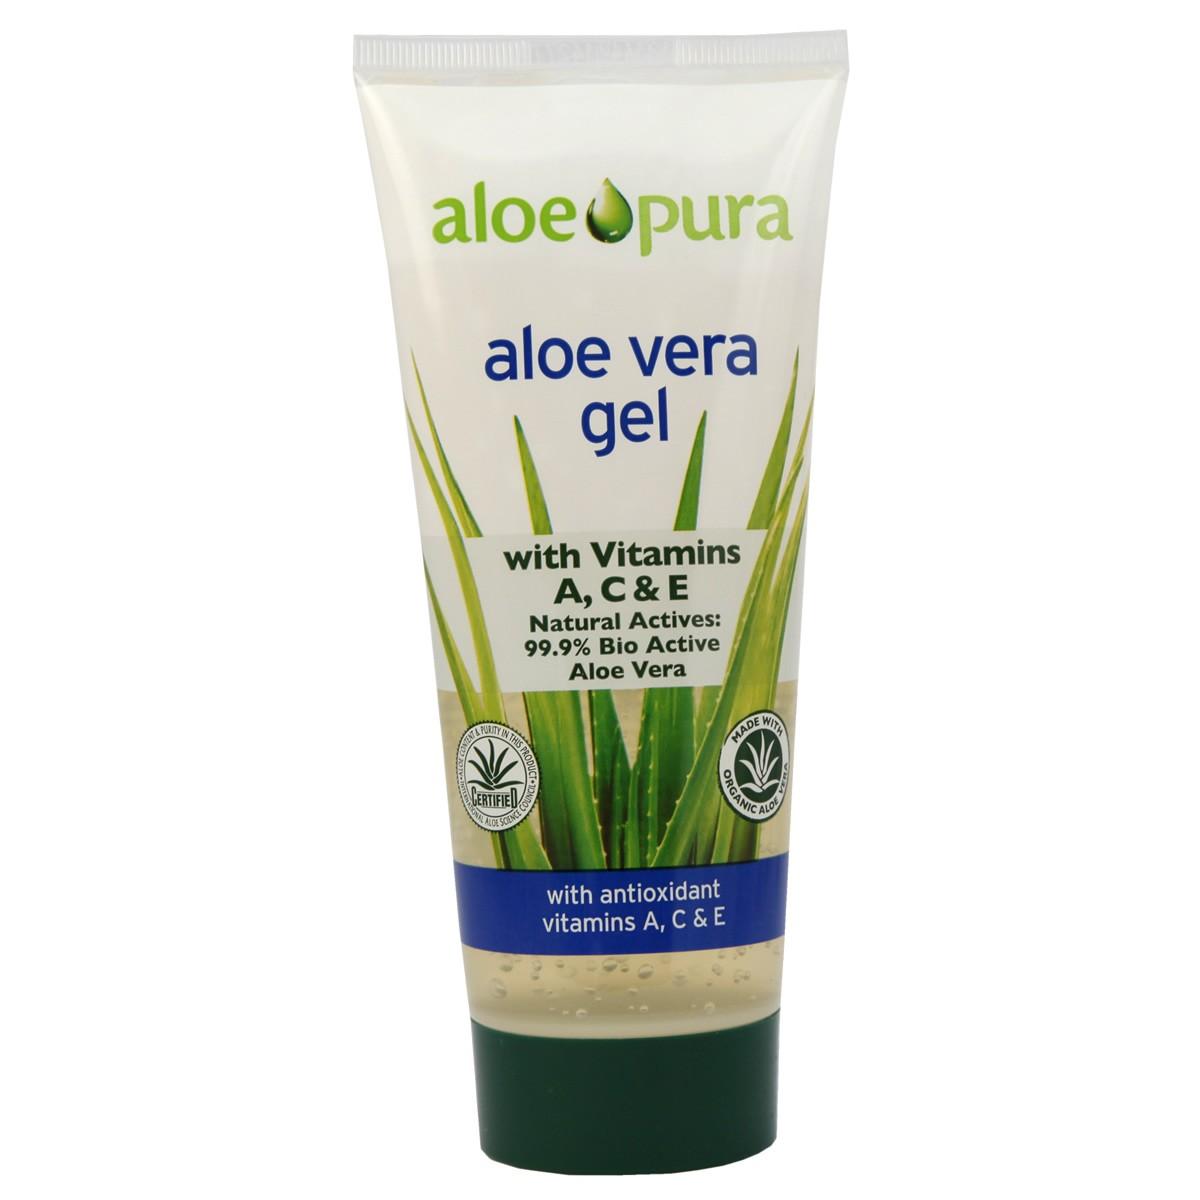 Aloe Pura Aloe Vera Gel Vit A C & E